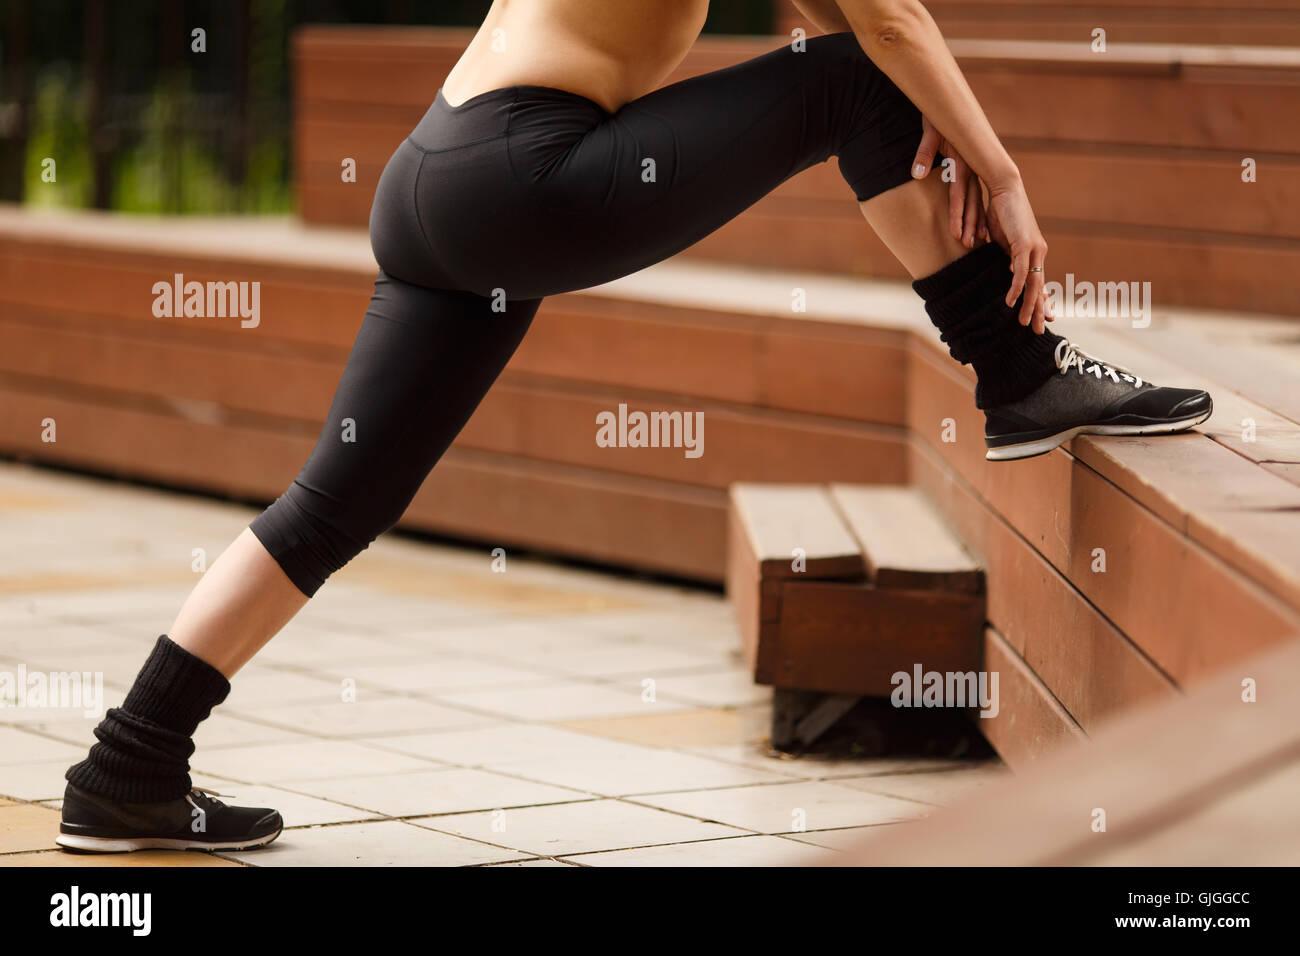 Femme Fitness jambes étirement avant l'entraînement en plein air Banque D'Images